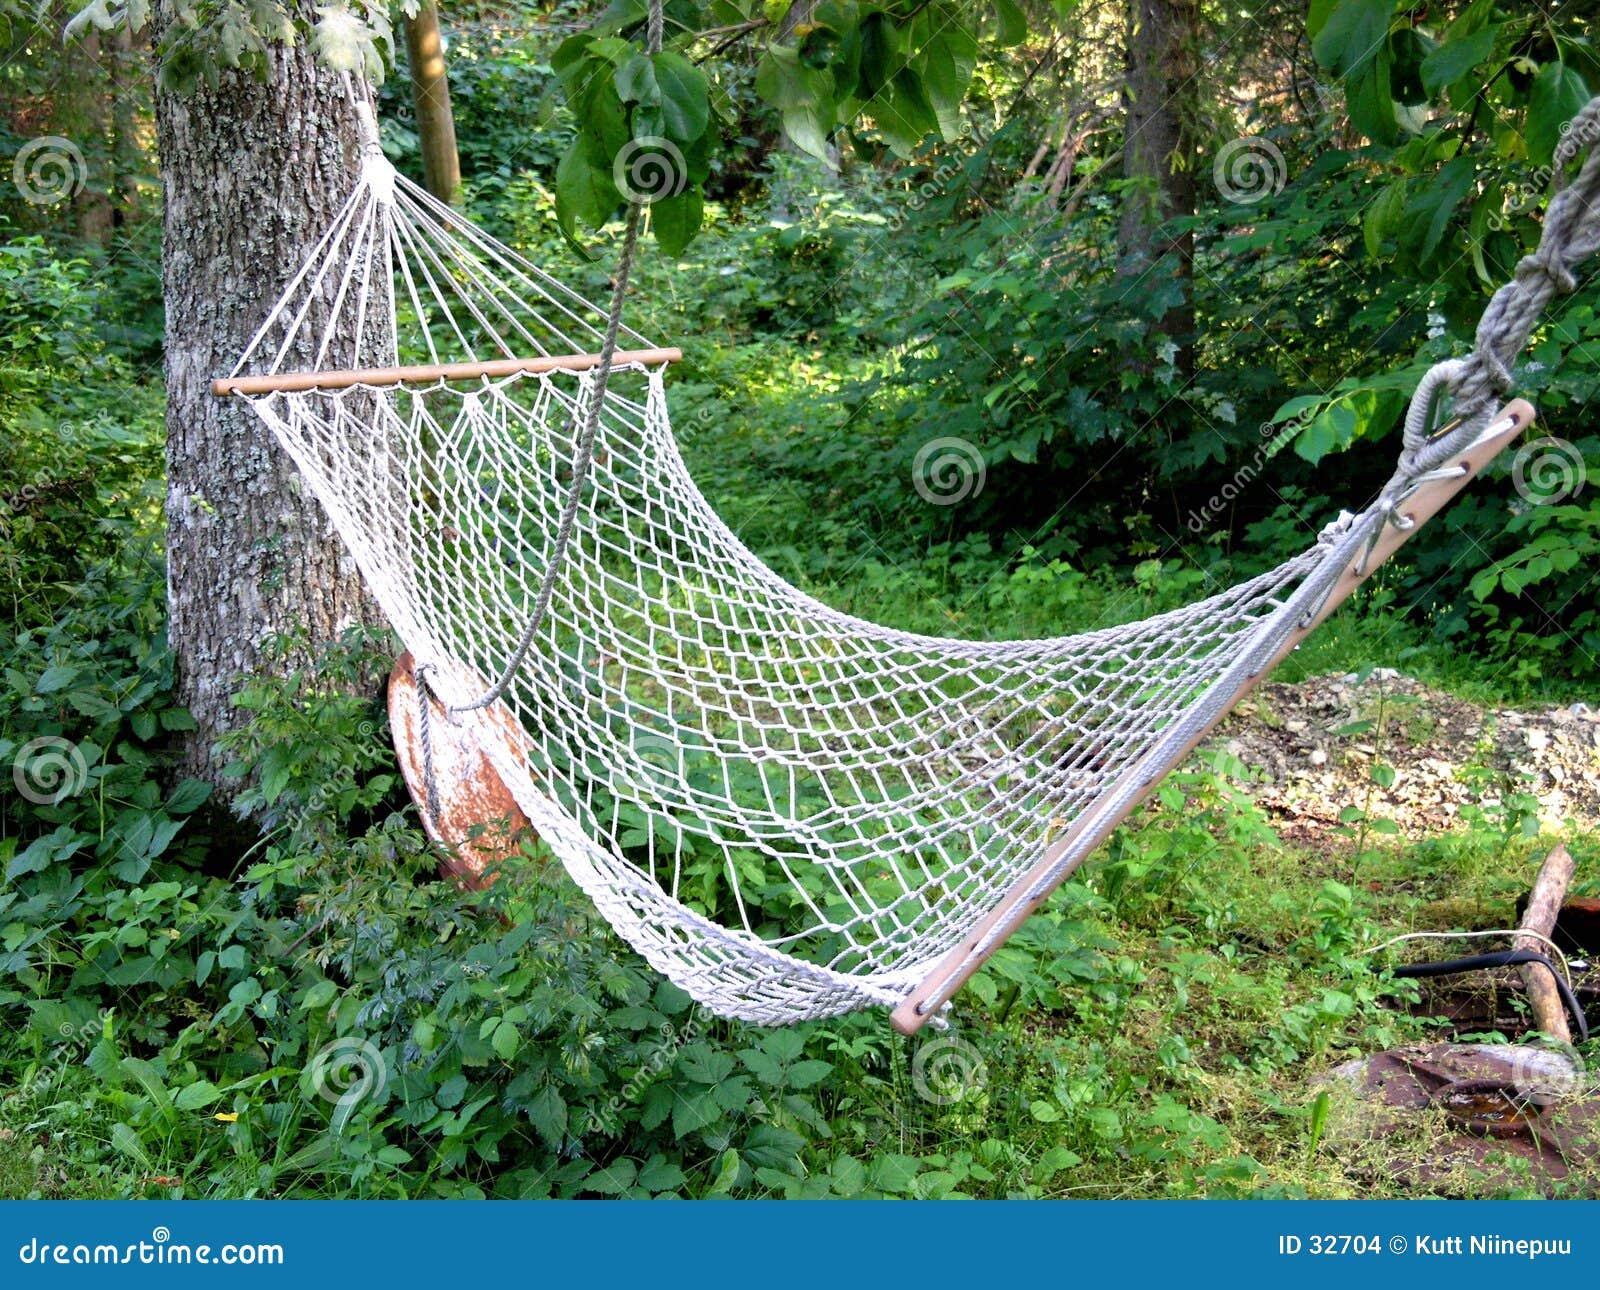 Download Hamaca foto de archivo. Imagen de sueño, rural, tronco, hierba - 32704